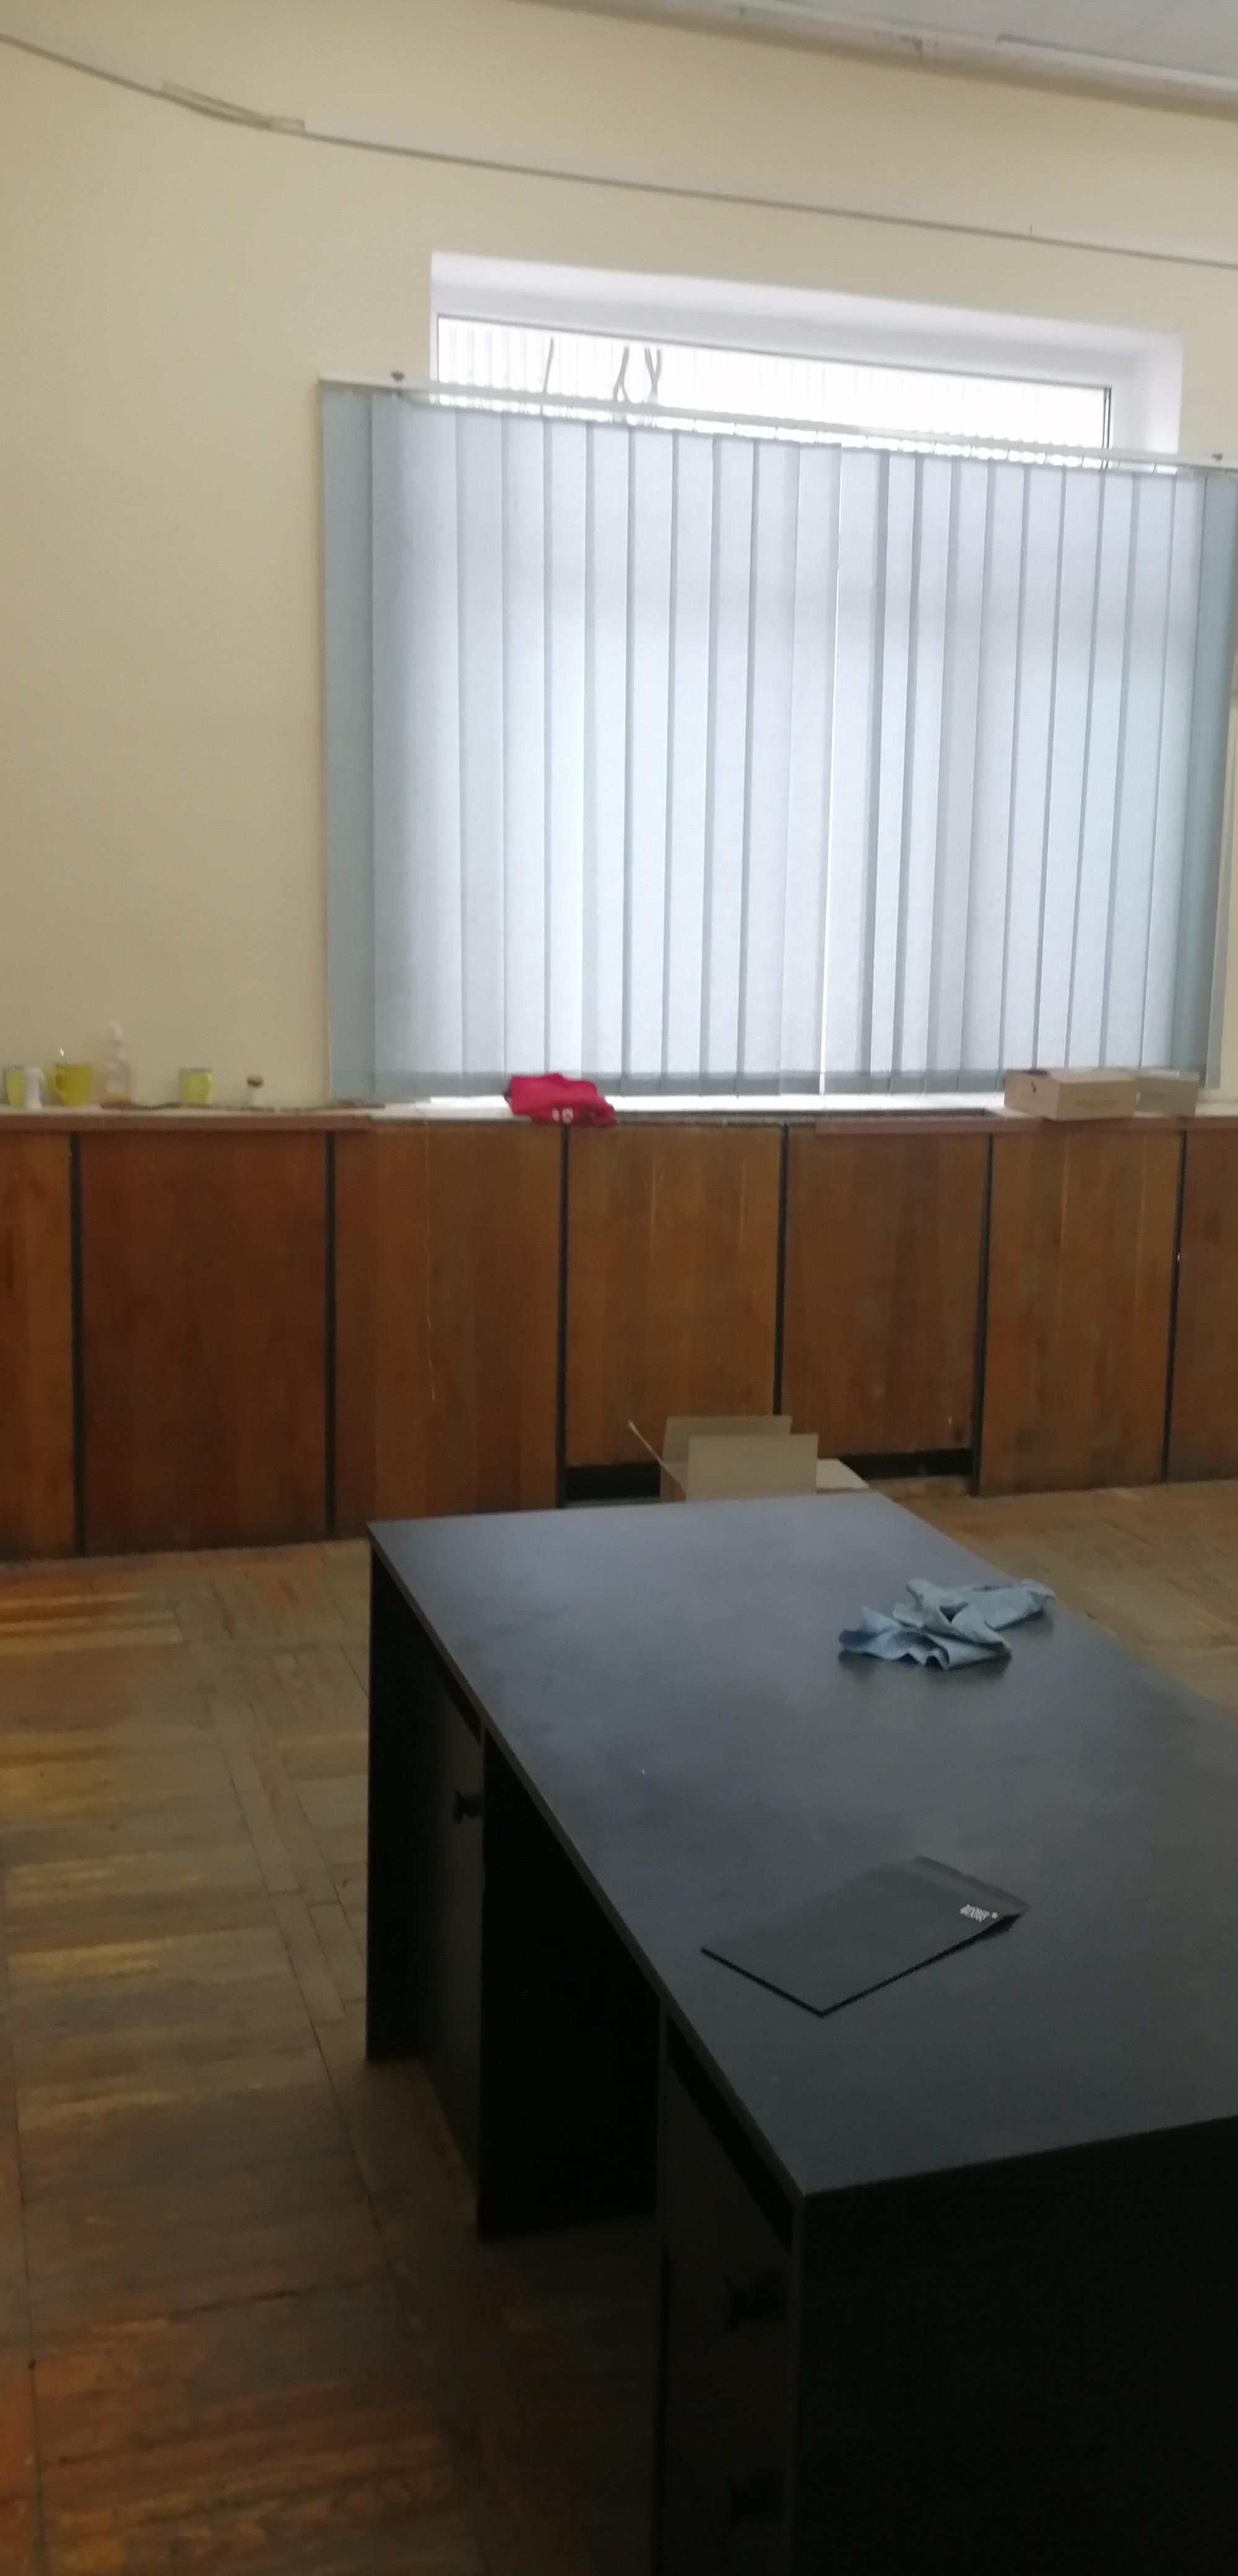 Нежитлове приміщення (офіс), площею 8,20 кв. м за адресою: м. Київ, вул. Семена Скляренка, буд. 4 (літ. А)